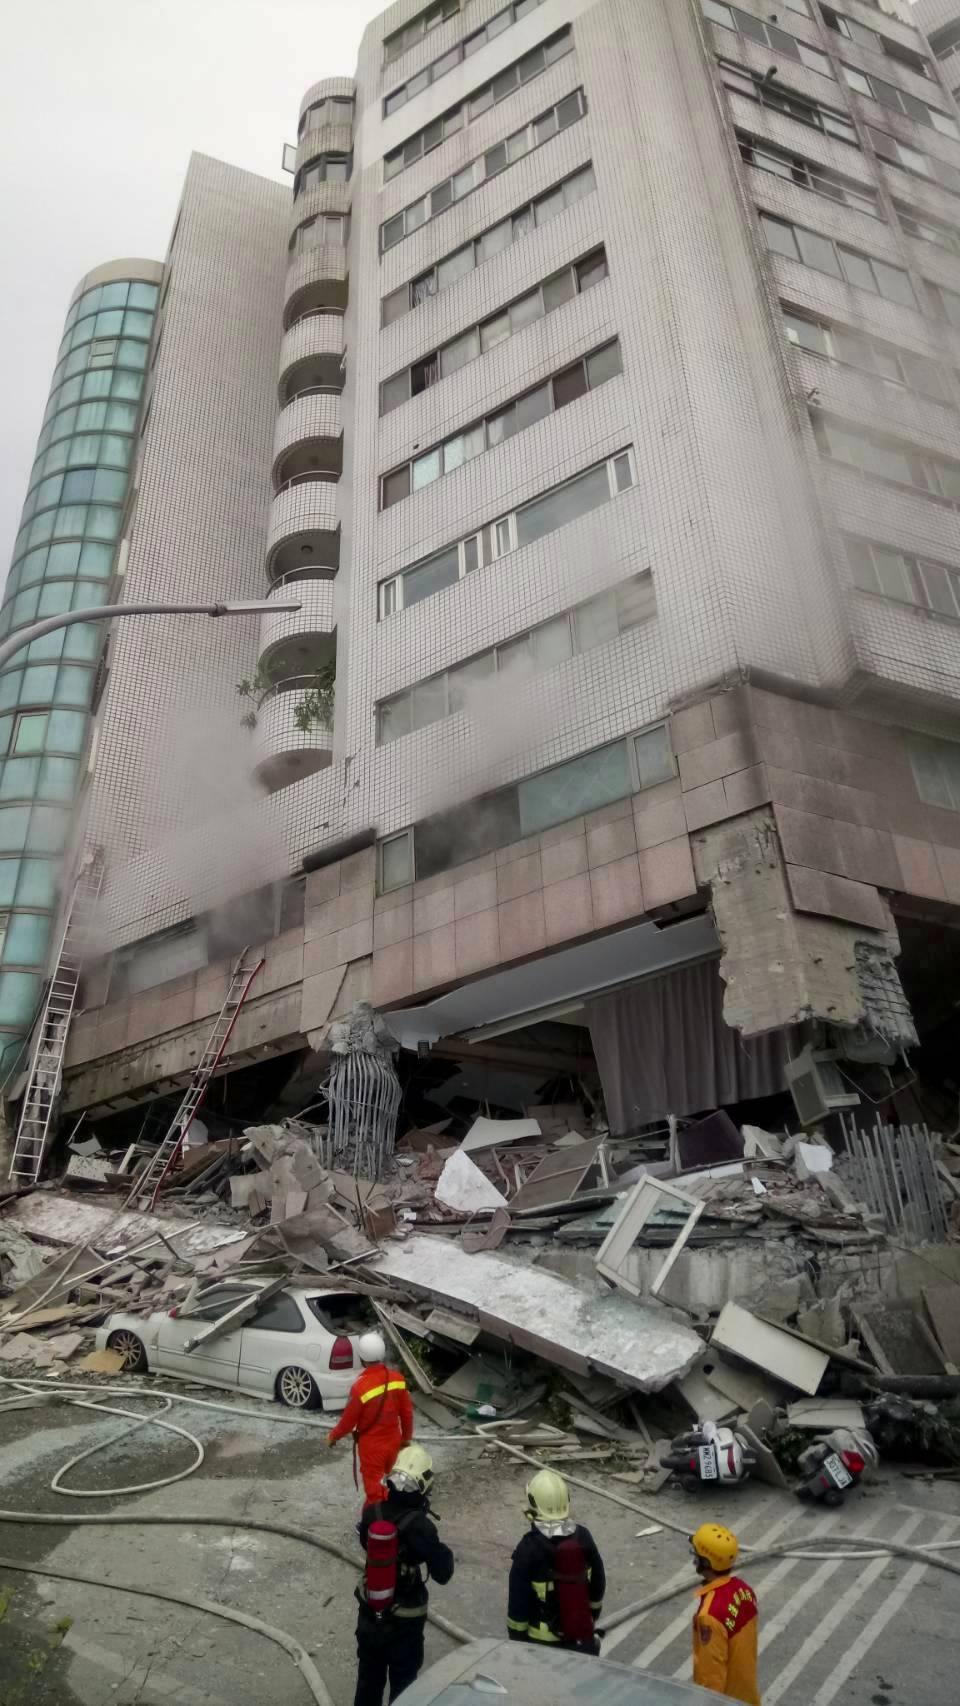 0206花蓮強震,市中心商校街2號的雲翠大樓嚴重傾斜,鋼筋外露。記者杜建重/攝影